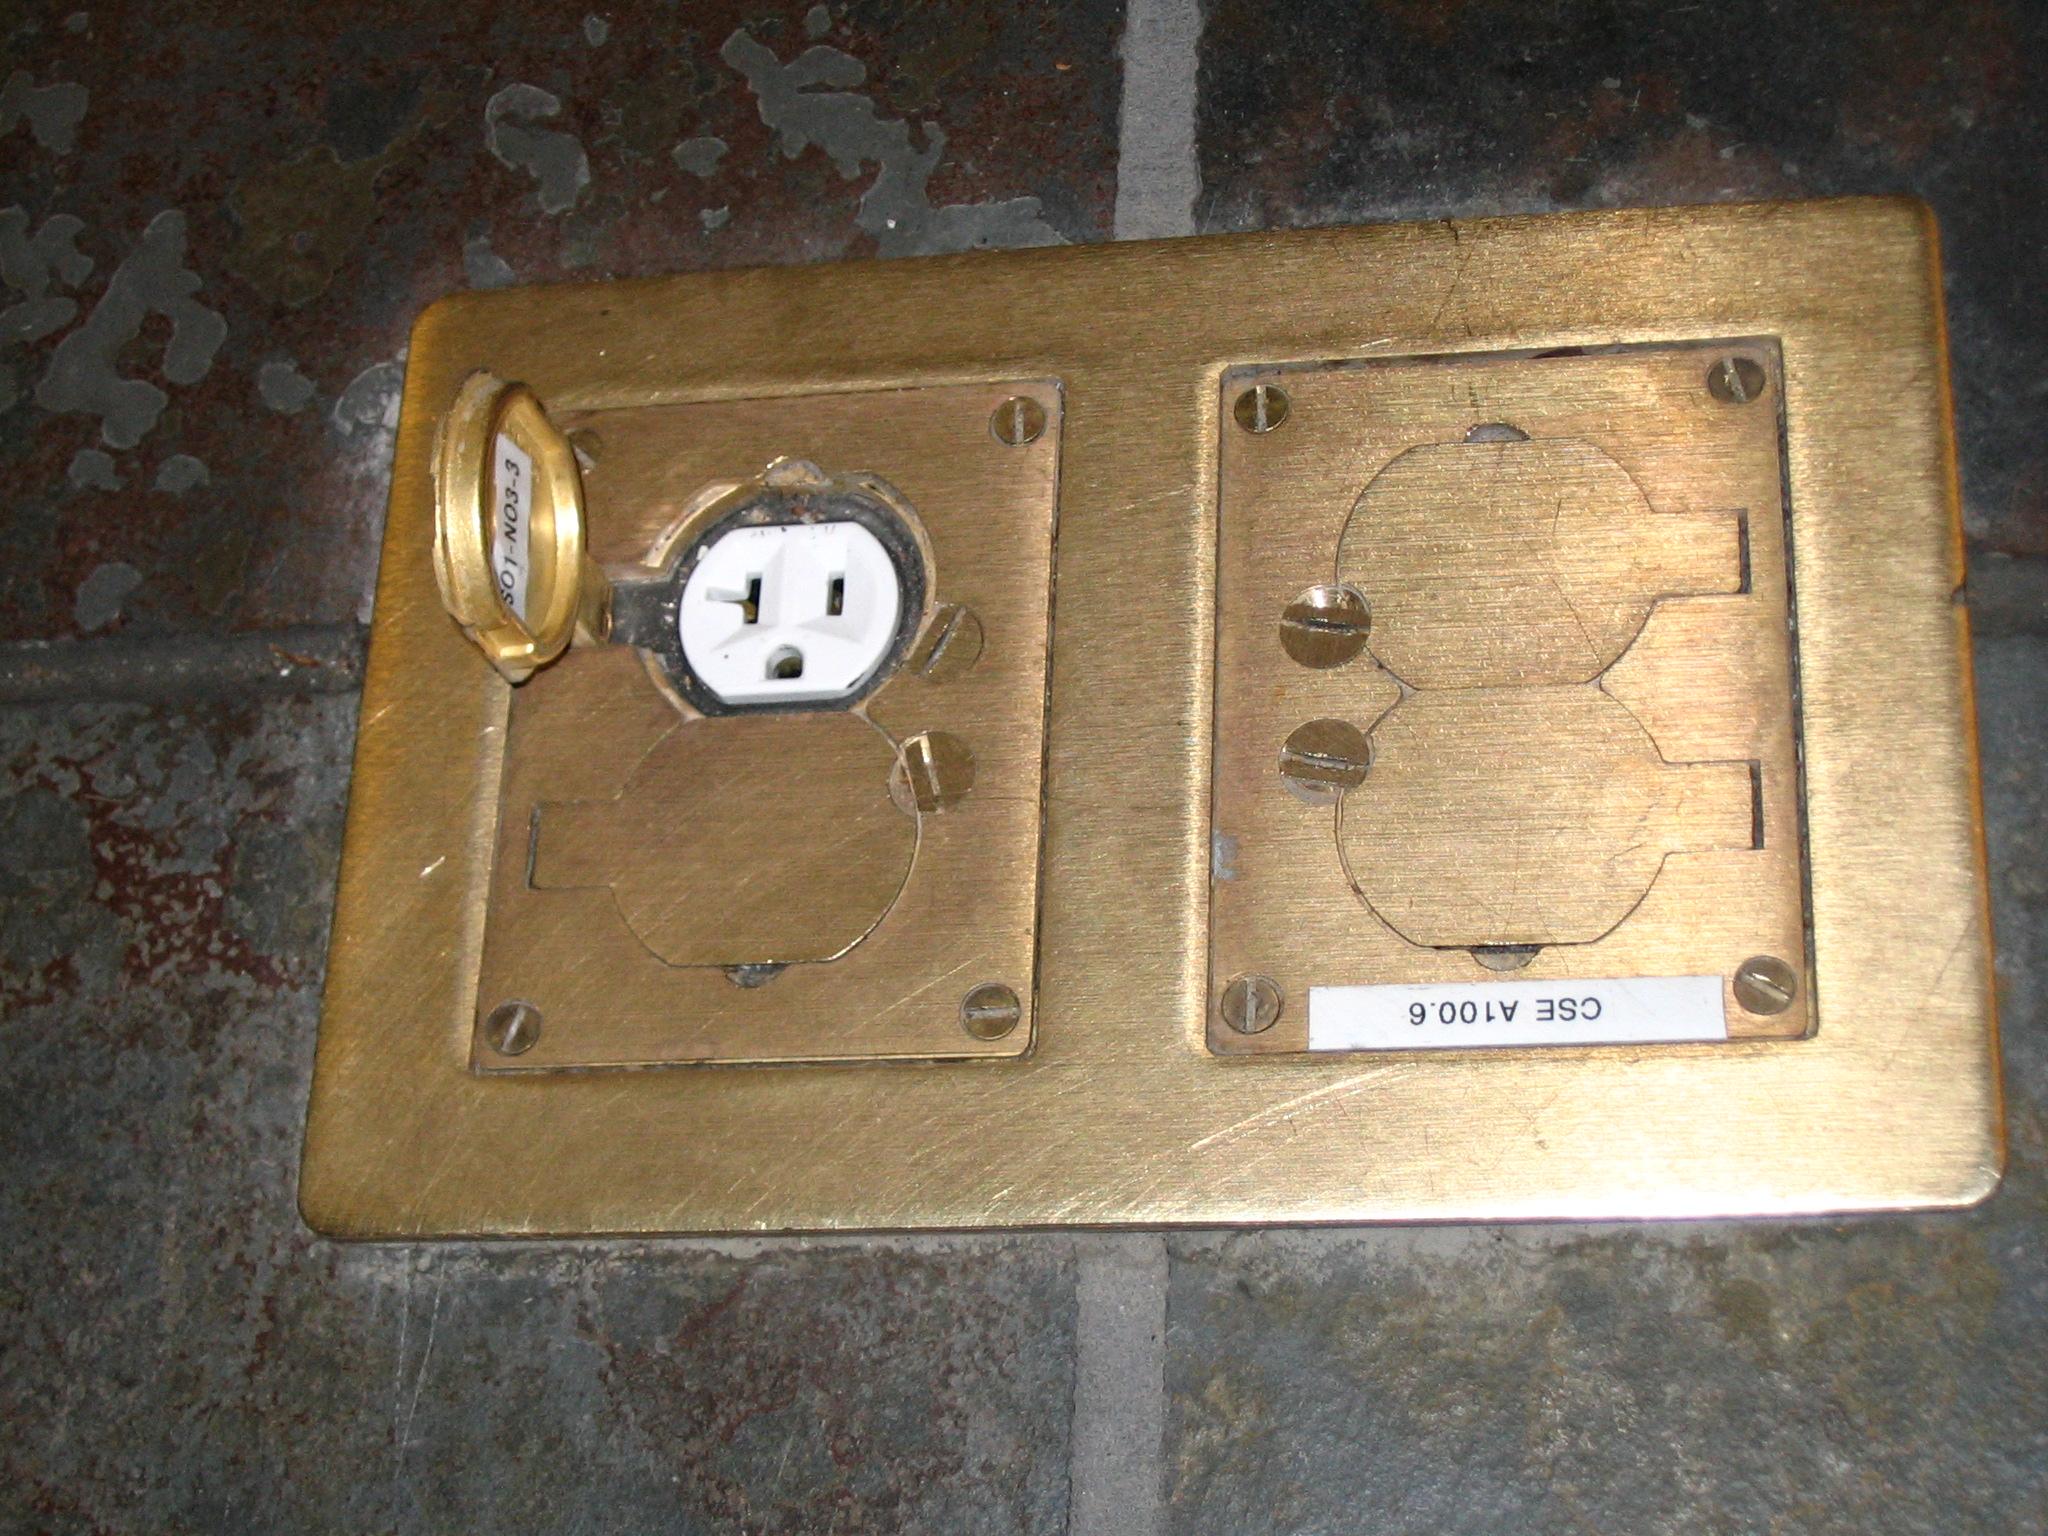 Ask Slashdot Wiring Home Furniture  Slashdot